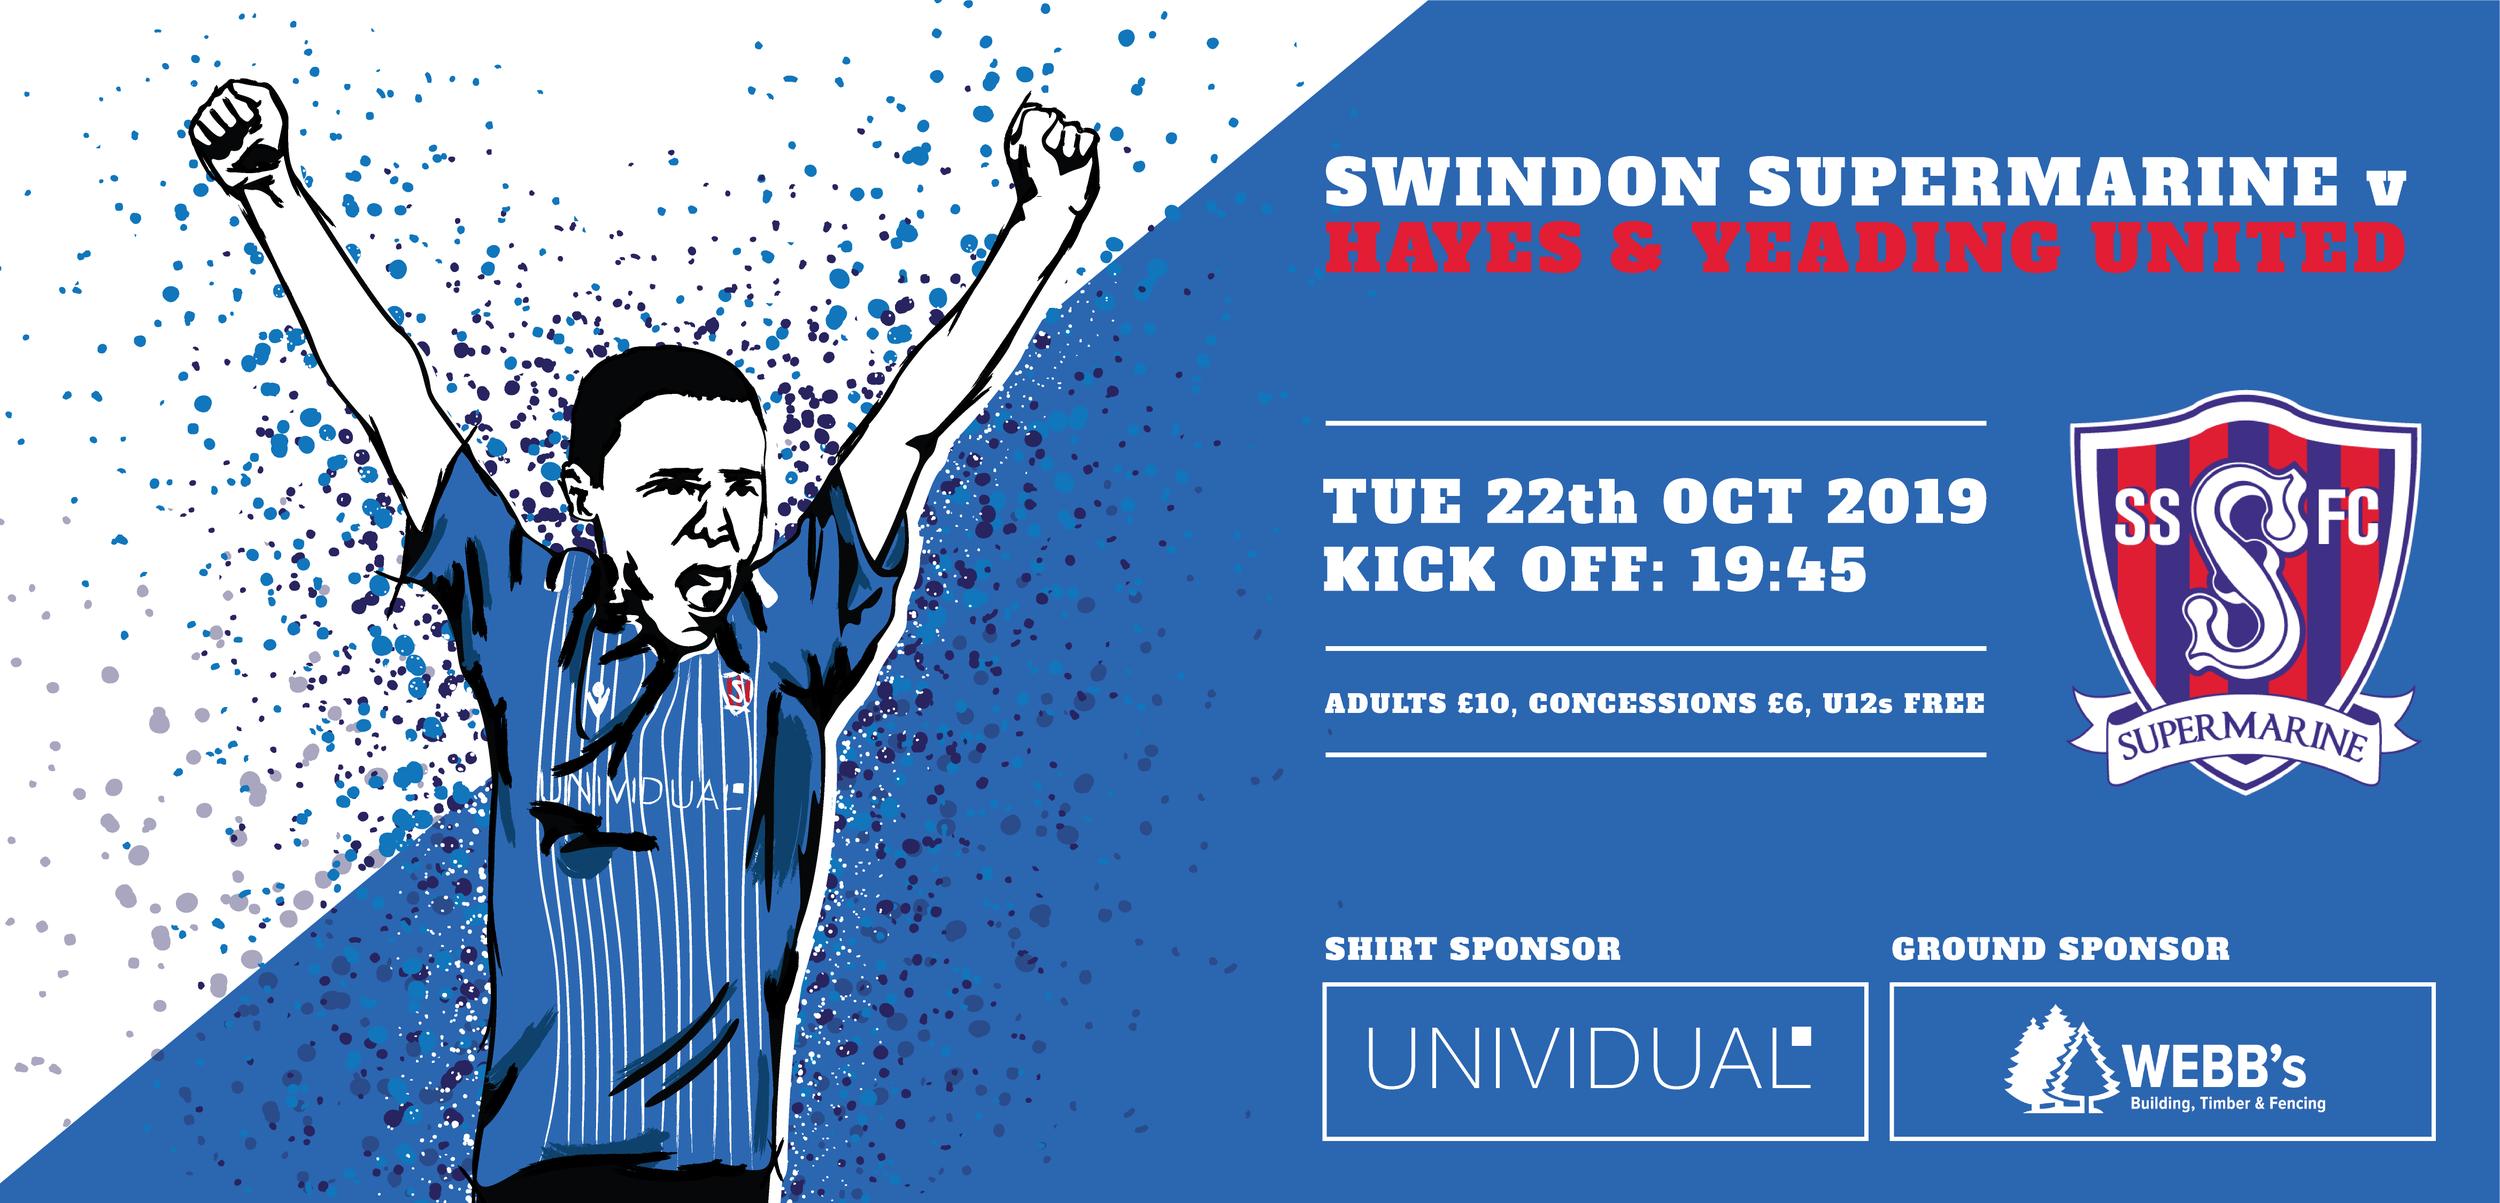 04 Swindon Fixture v Hayes Yeading United-01.png